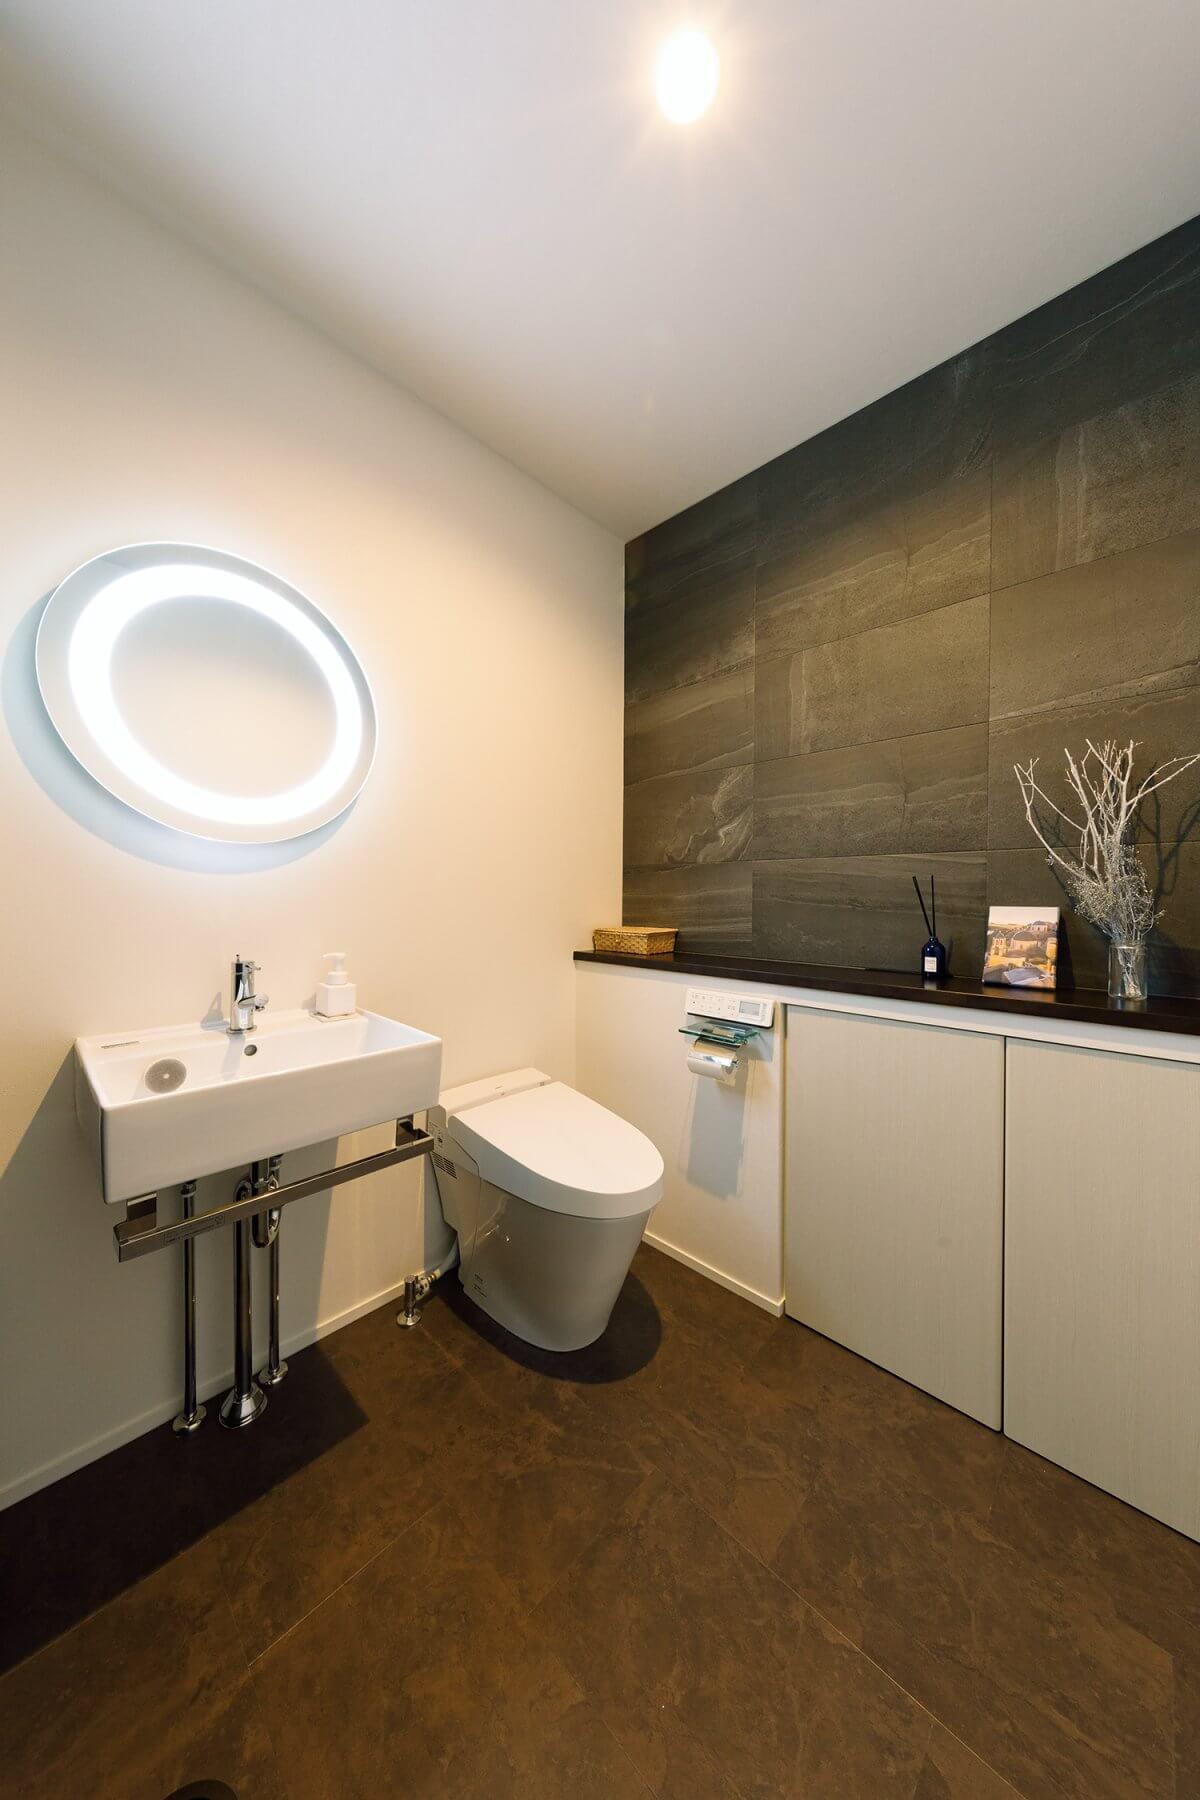 2階のトイレは、奥様こだわりの空間。「まるでホテルみたいな空間にしたい!」という要望を踏まえ、タイルや間接照明を使い、上質な空間を演出しました。